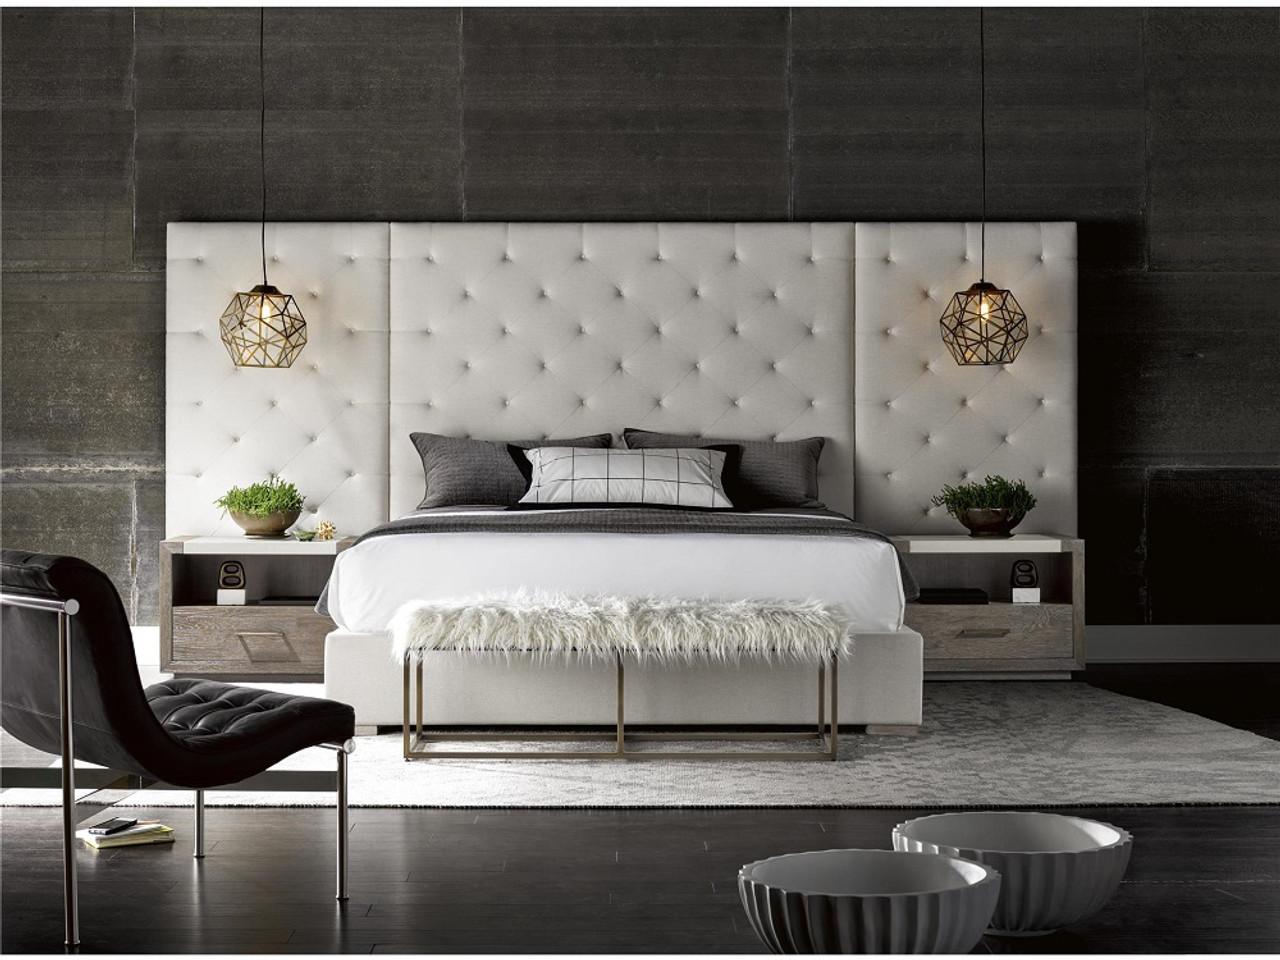 Design Trend Alert: Upholstered Extended Headboards